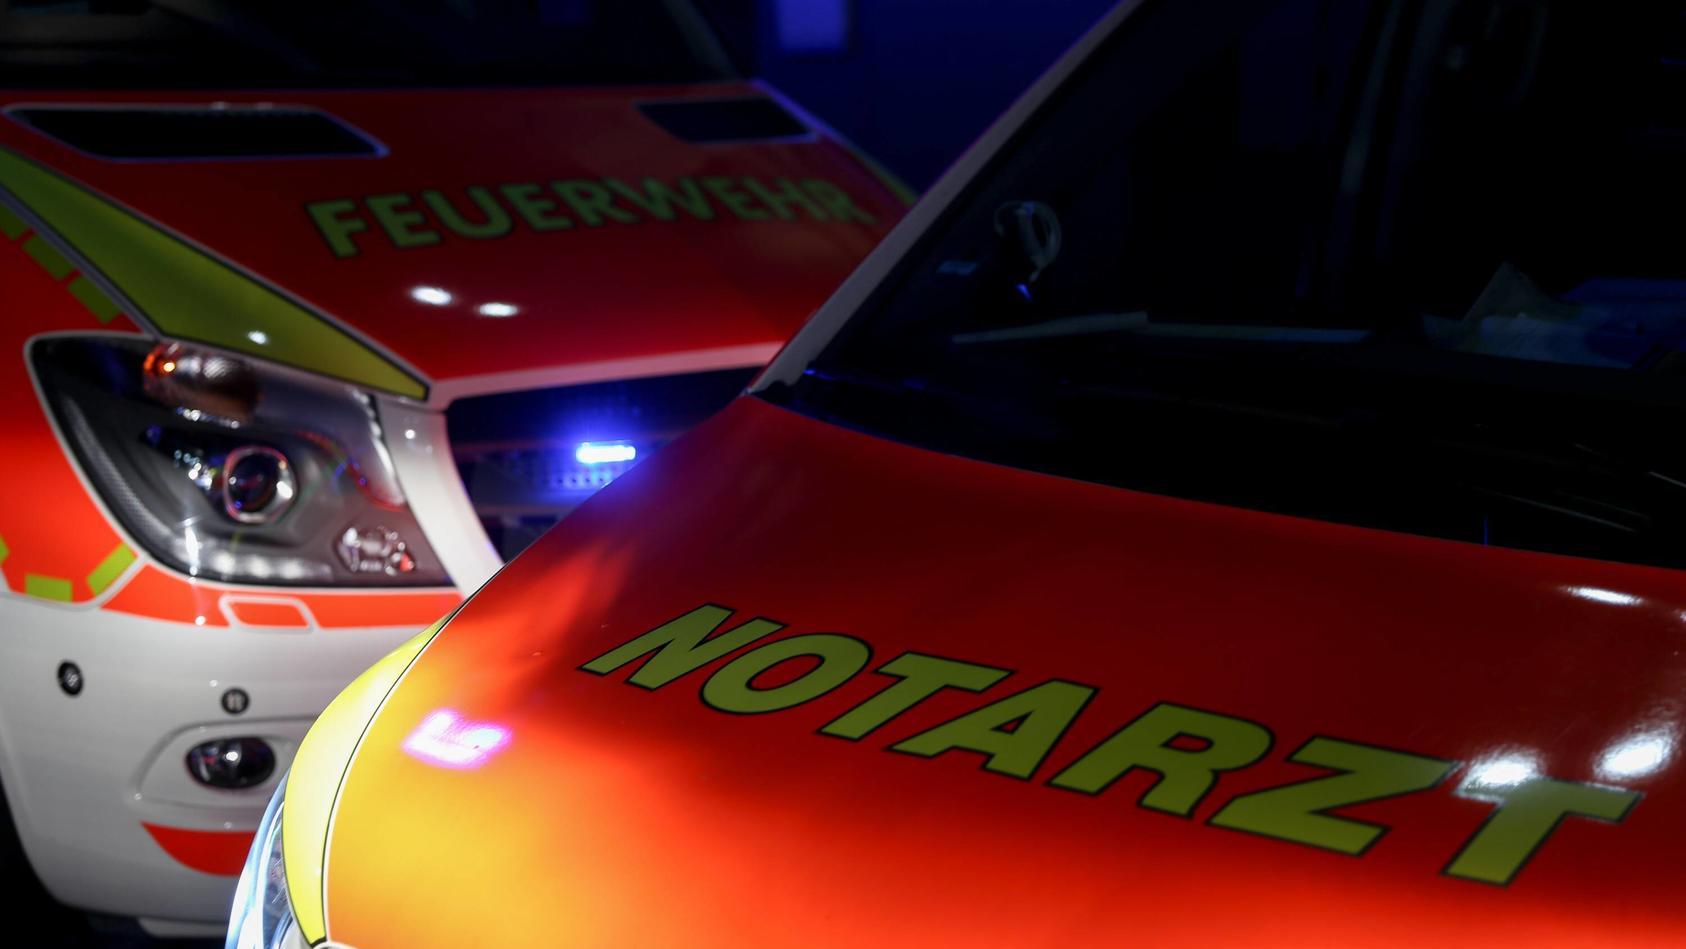 Fahrzeuge der Feuerwehr und Notarzt im Einsatz bei Nacht Themenbild, Symbolbild, Feuerwehr, Notarzt, 04.09.18 Buchenstr